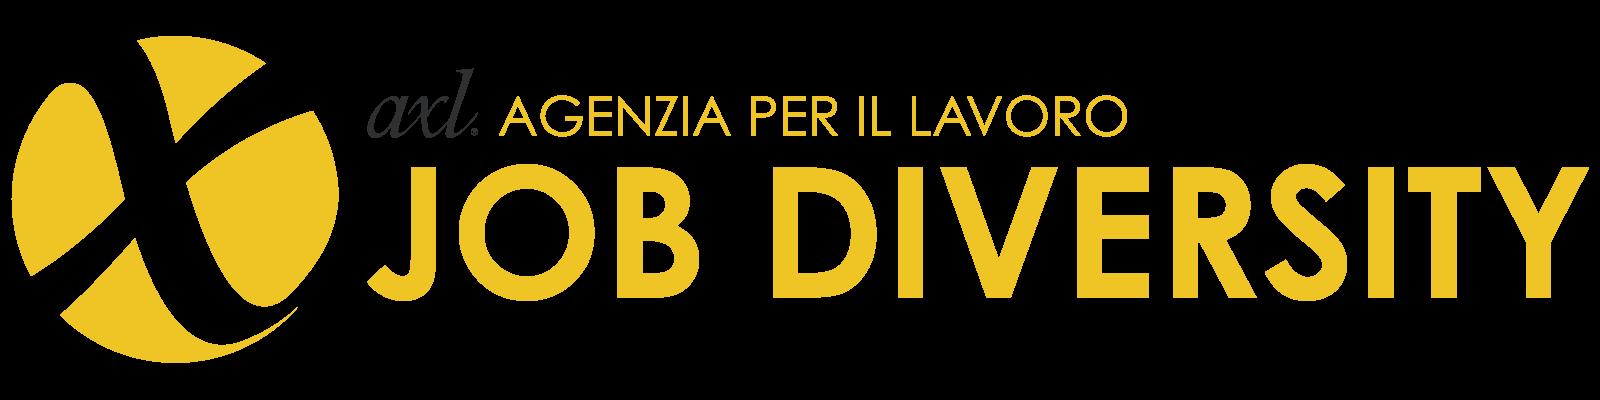 AxL Spa - Agenzia per il Lavoro - Divisione JOB DIVERSITY